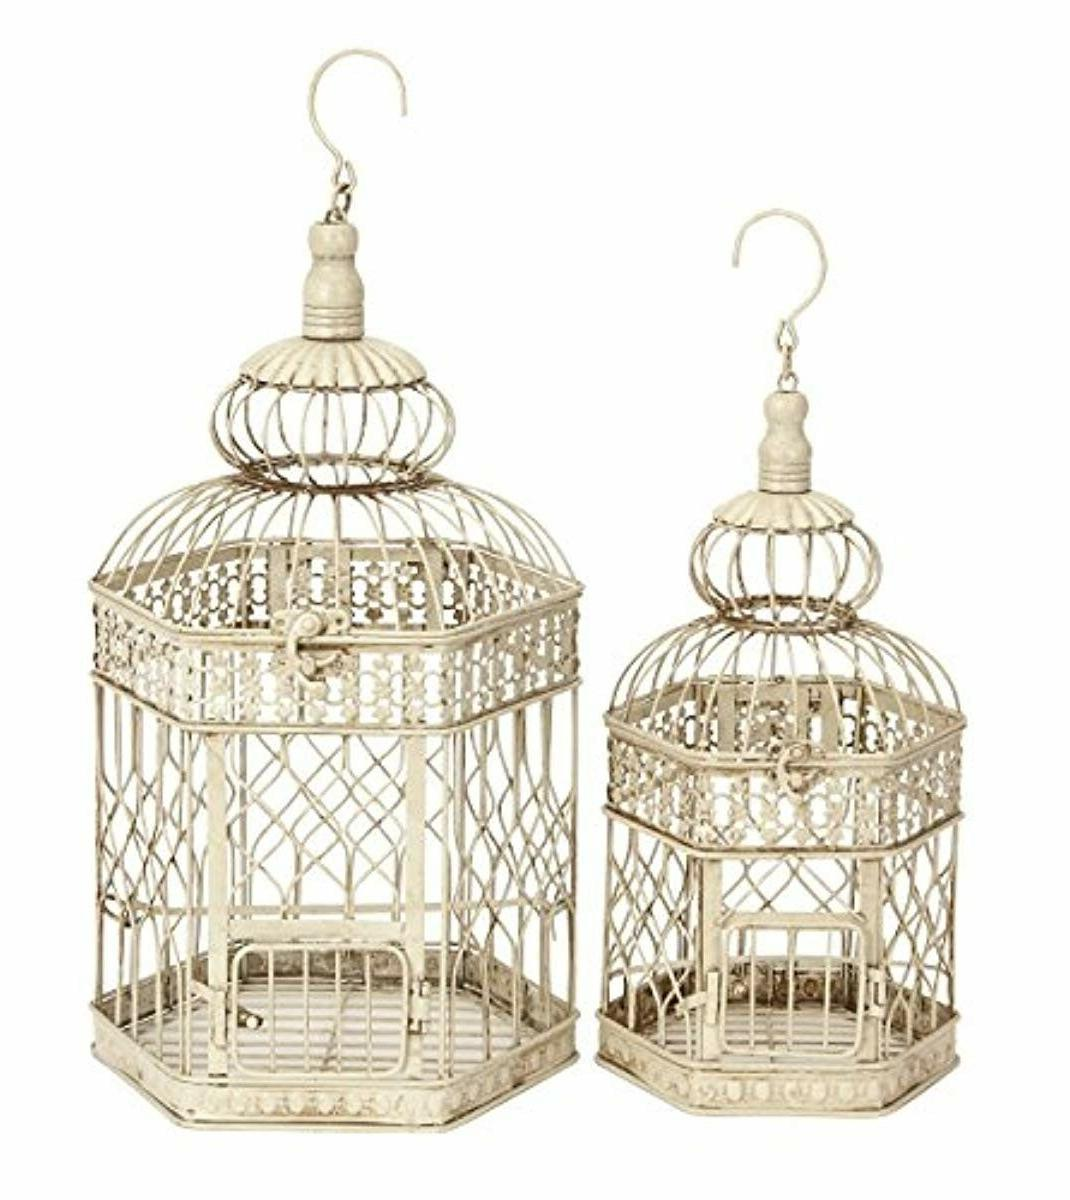 deco 79 metal bird cage 21 inch